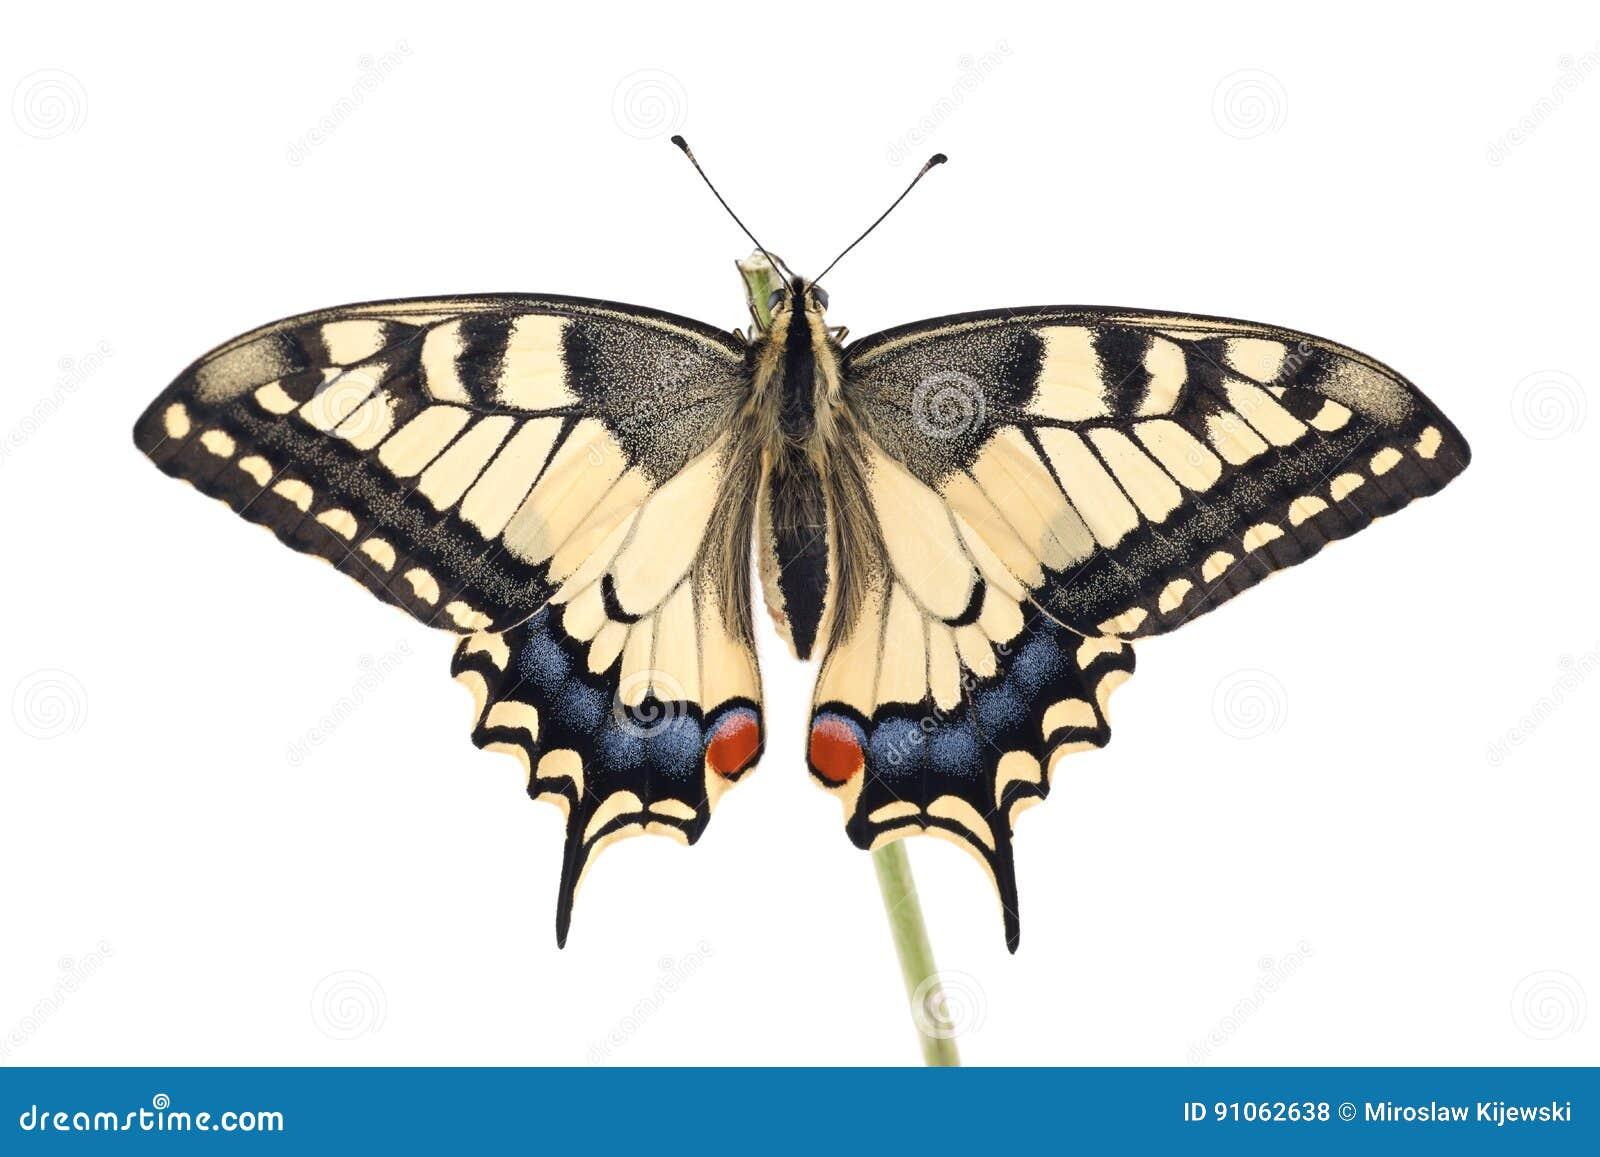 旧世界Swallowtail Papilio machaon蝴蝶在白色背景的一根枝杈全部栖息